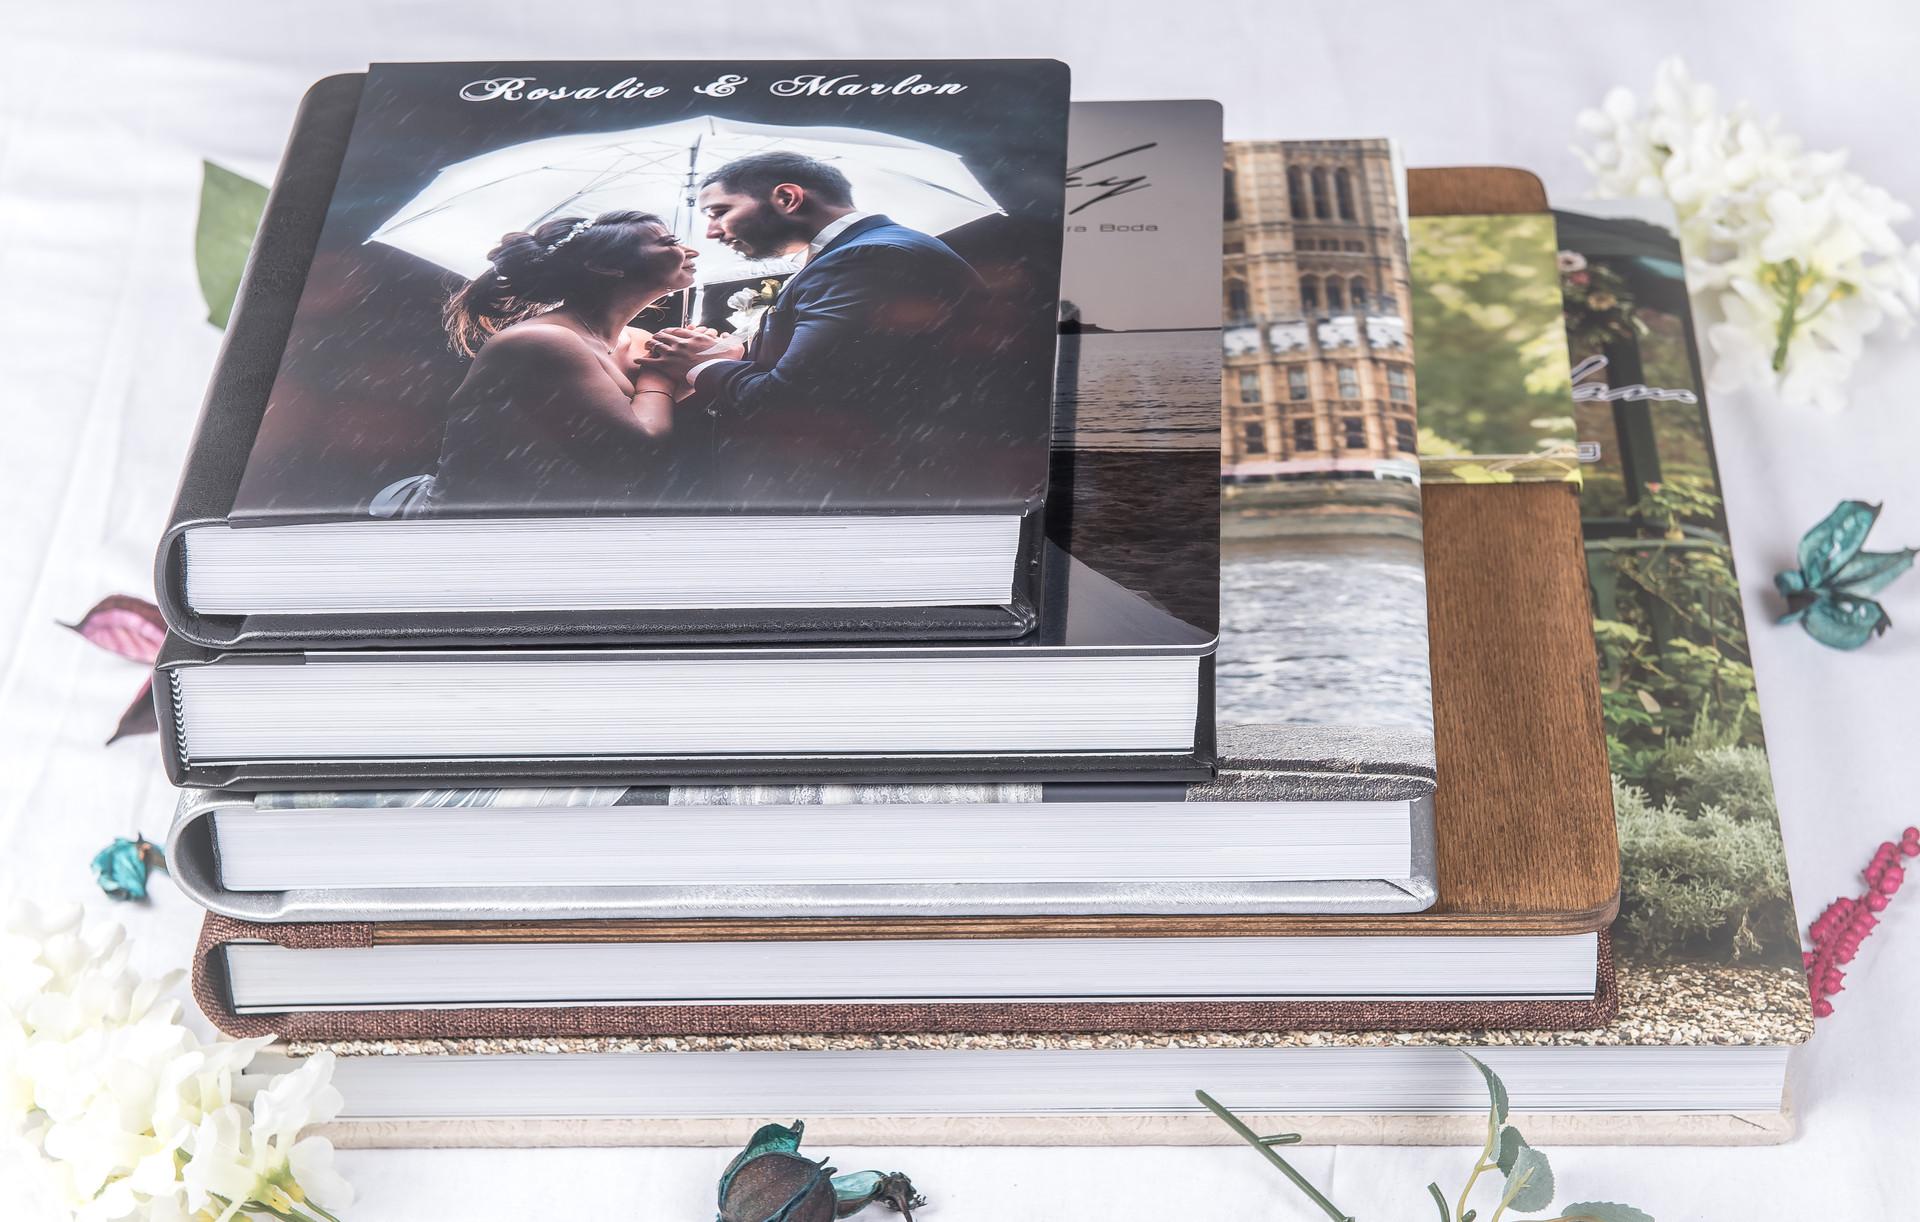 Album sizes 40cm 35cm 30cm 25cm 20cm